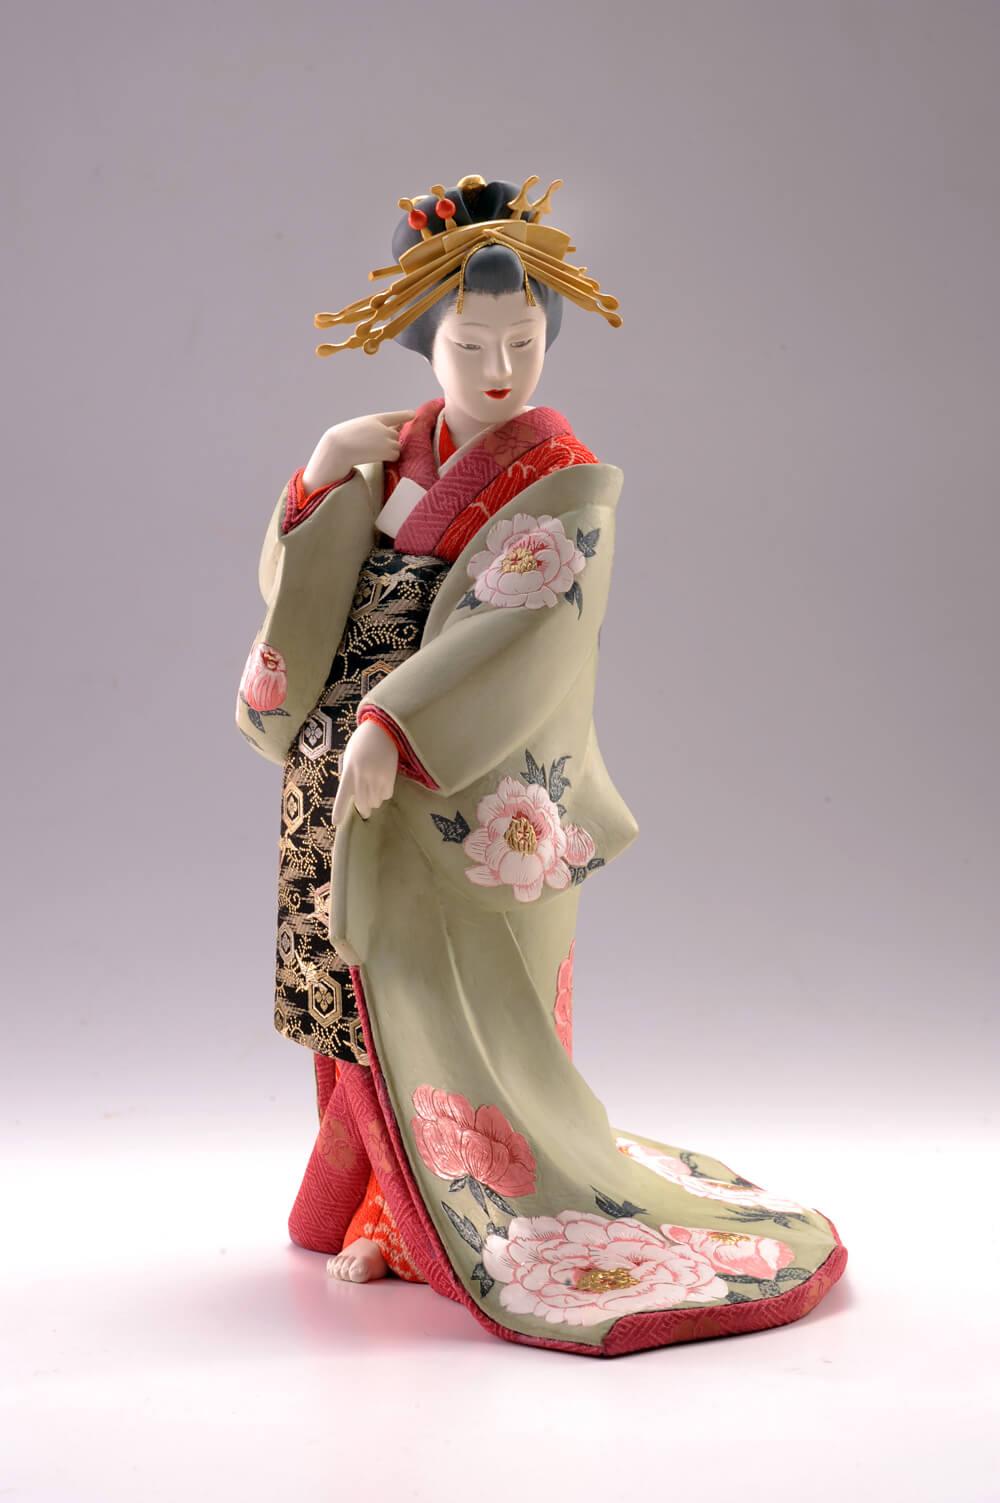 2012年11月9日から開催の「日本工芸の華 双璧 鈴木 藏・芹川 英子 展」の芹川作品1